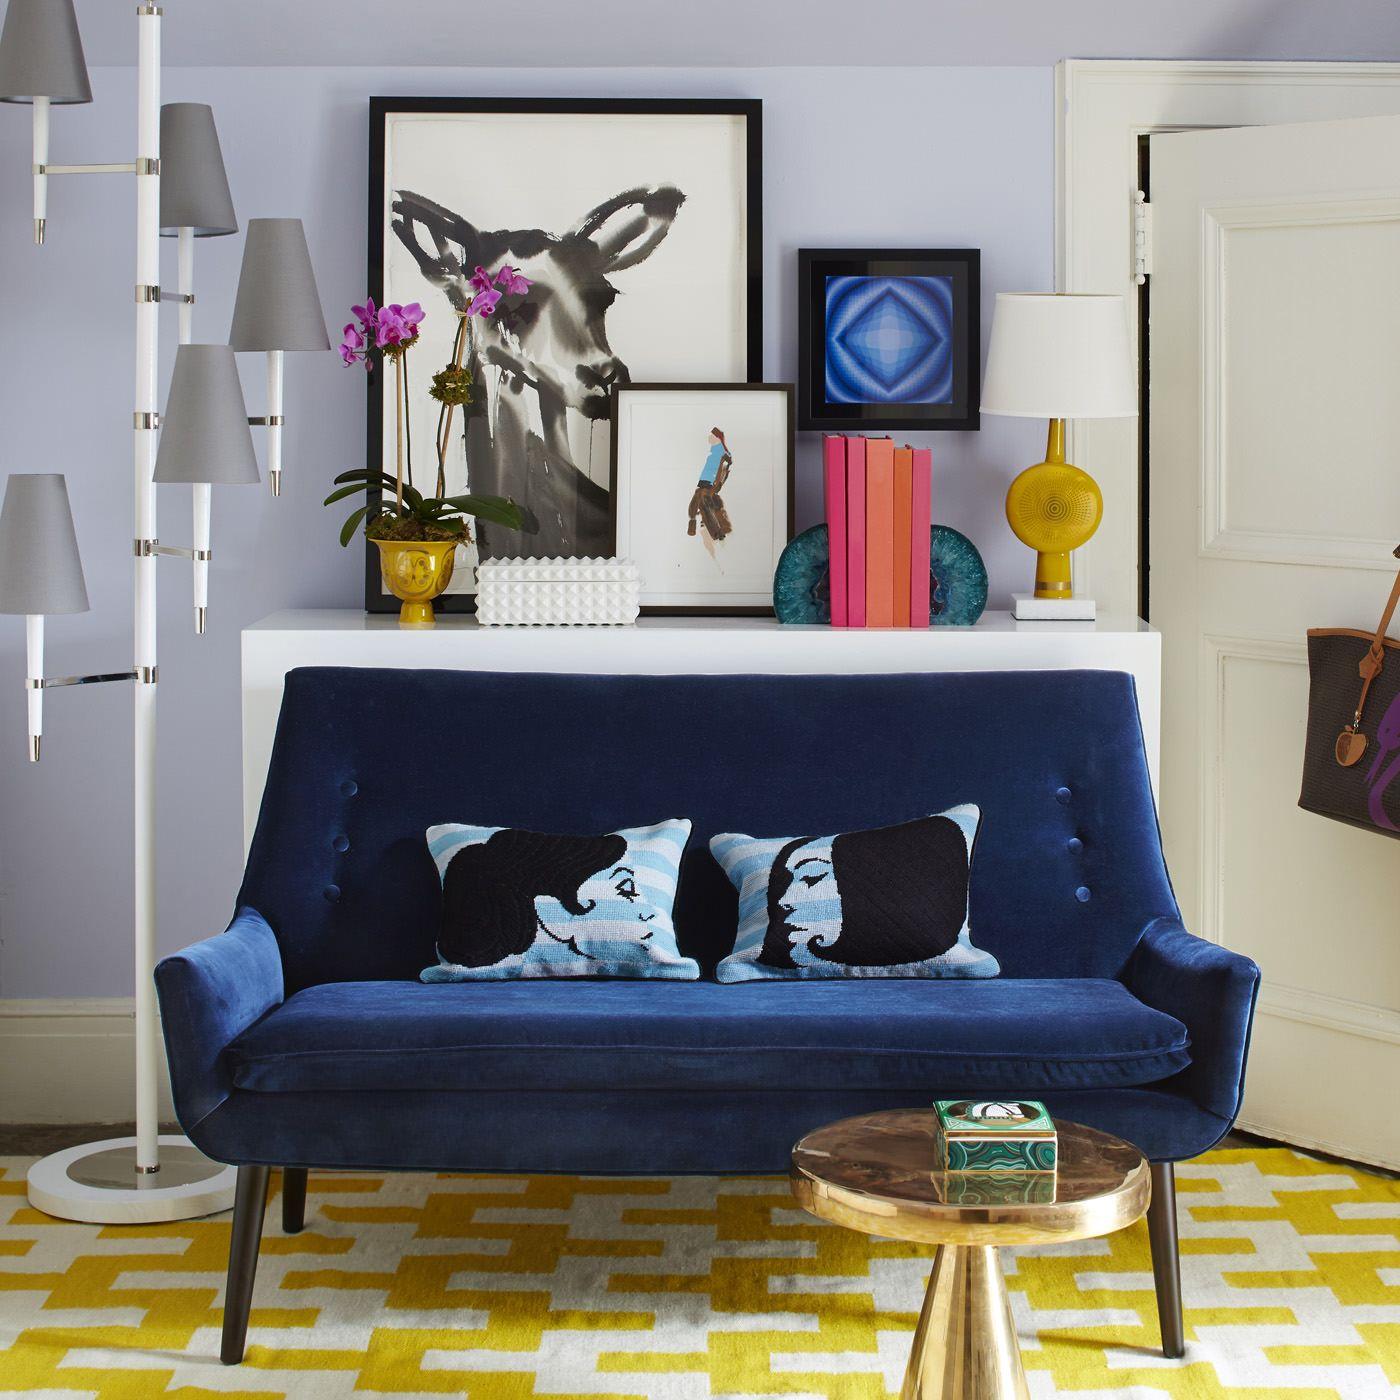 Nett Enjoyable Design Ideas Occhio Lampe Bilder - Heimat Ideen ...